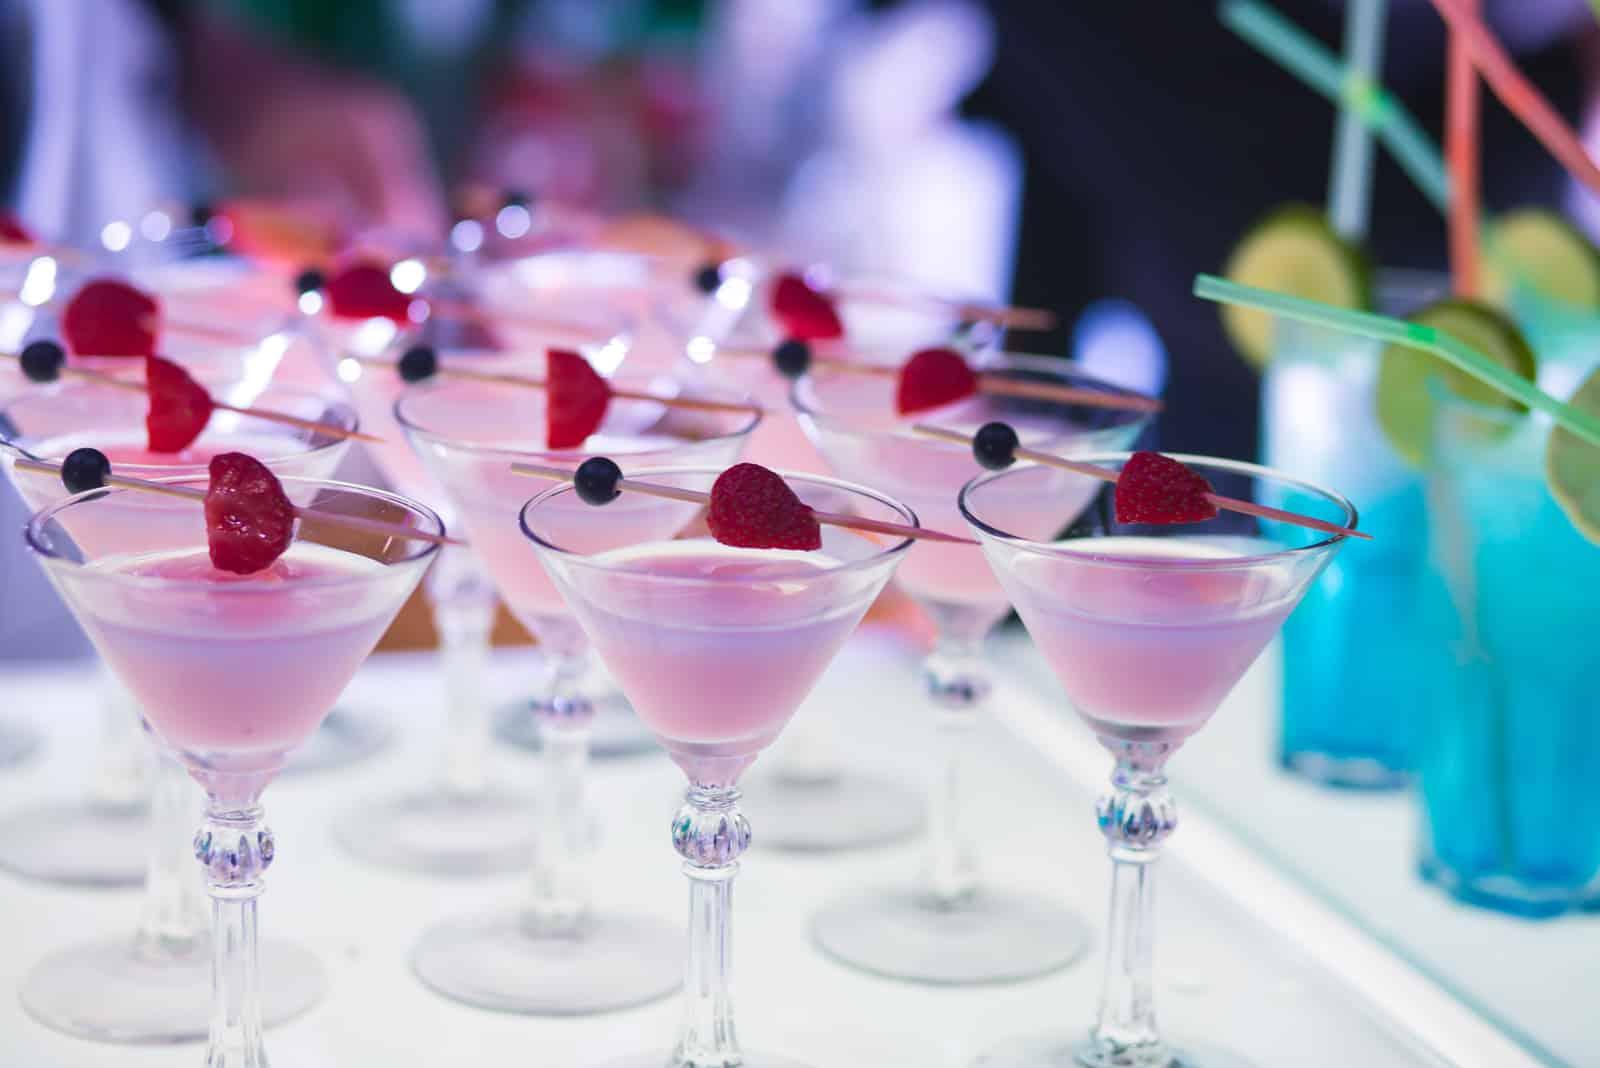 verschiedenfarbige Alkoholcocktails